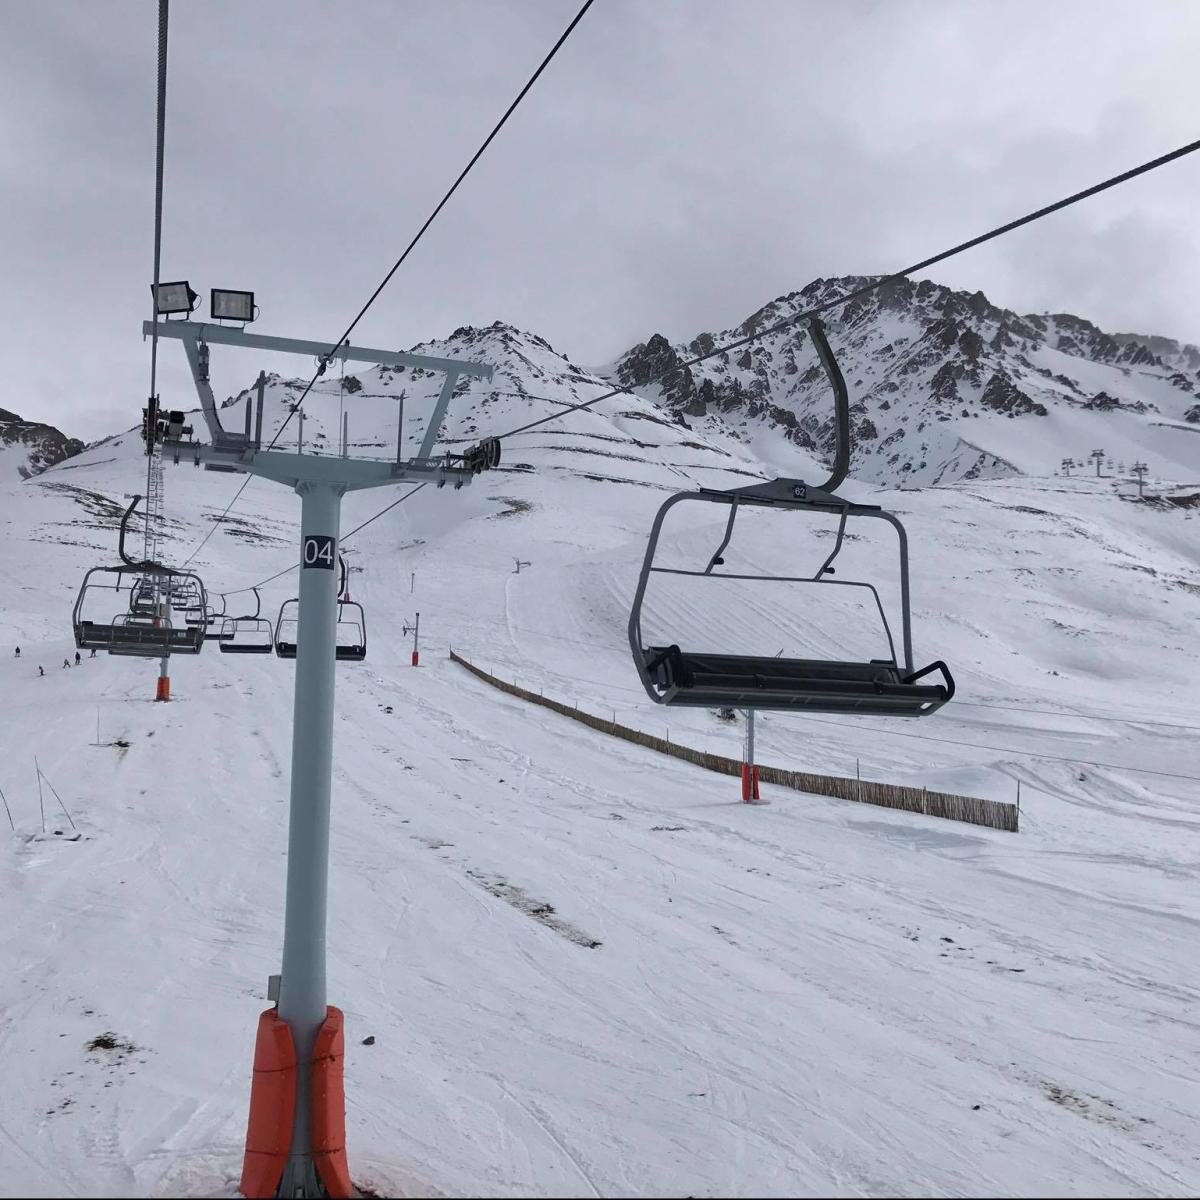 REPORTE: Cómo Está la Nieve en Las Leñas Hoy   Si Sos Residente de Mendoza, el Viernes NoPagás